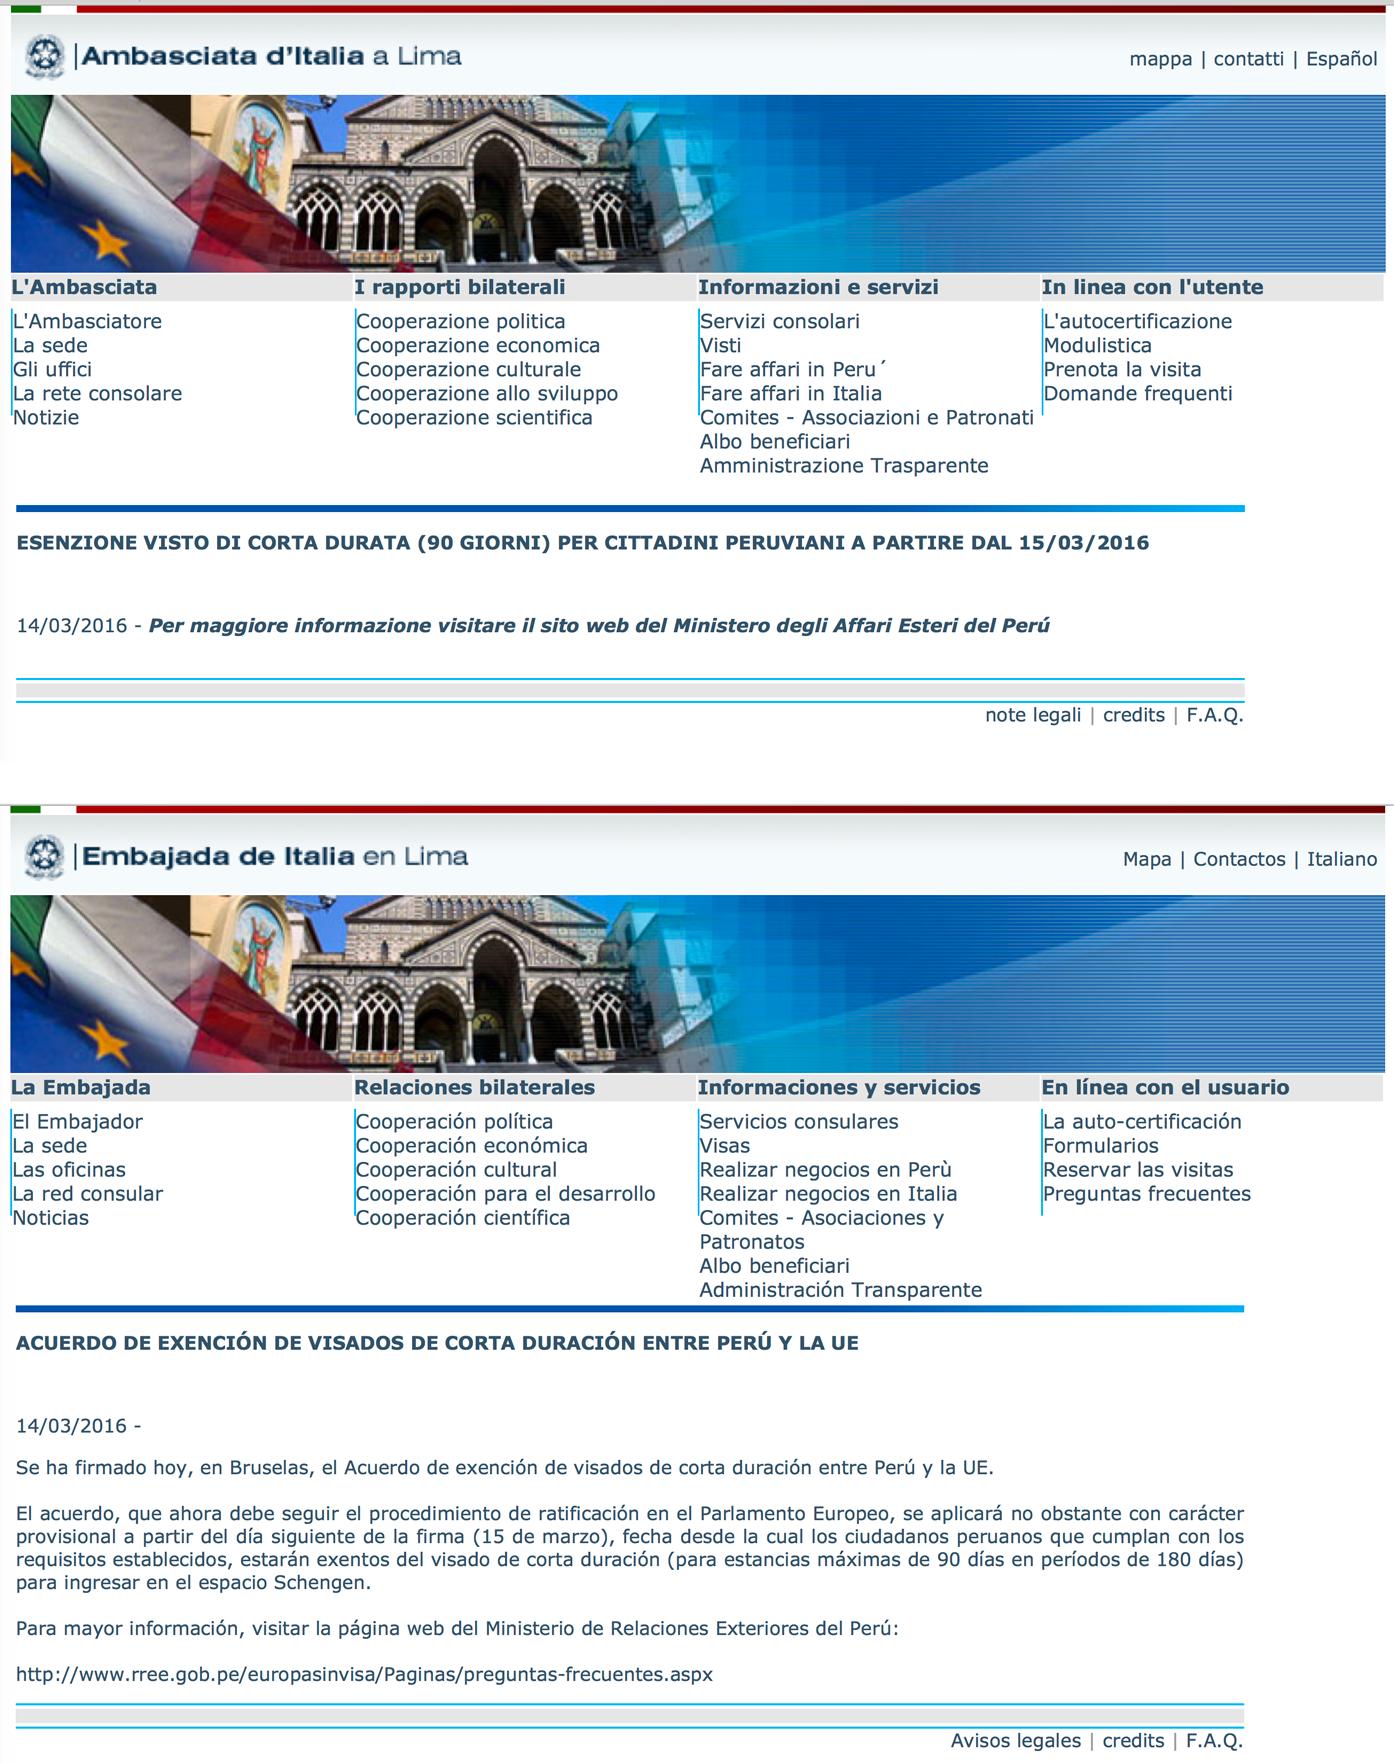 polizze-per-stranieri-dal-15032016-i-cittadini-peruviani-entrano-in-area-schengen-senza-visto-visto-turistico-peruviani